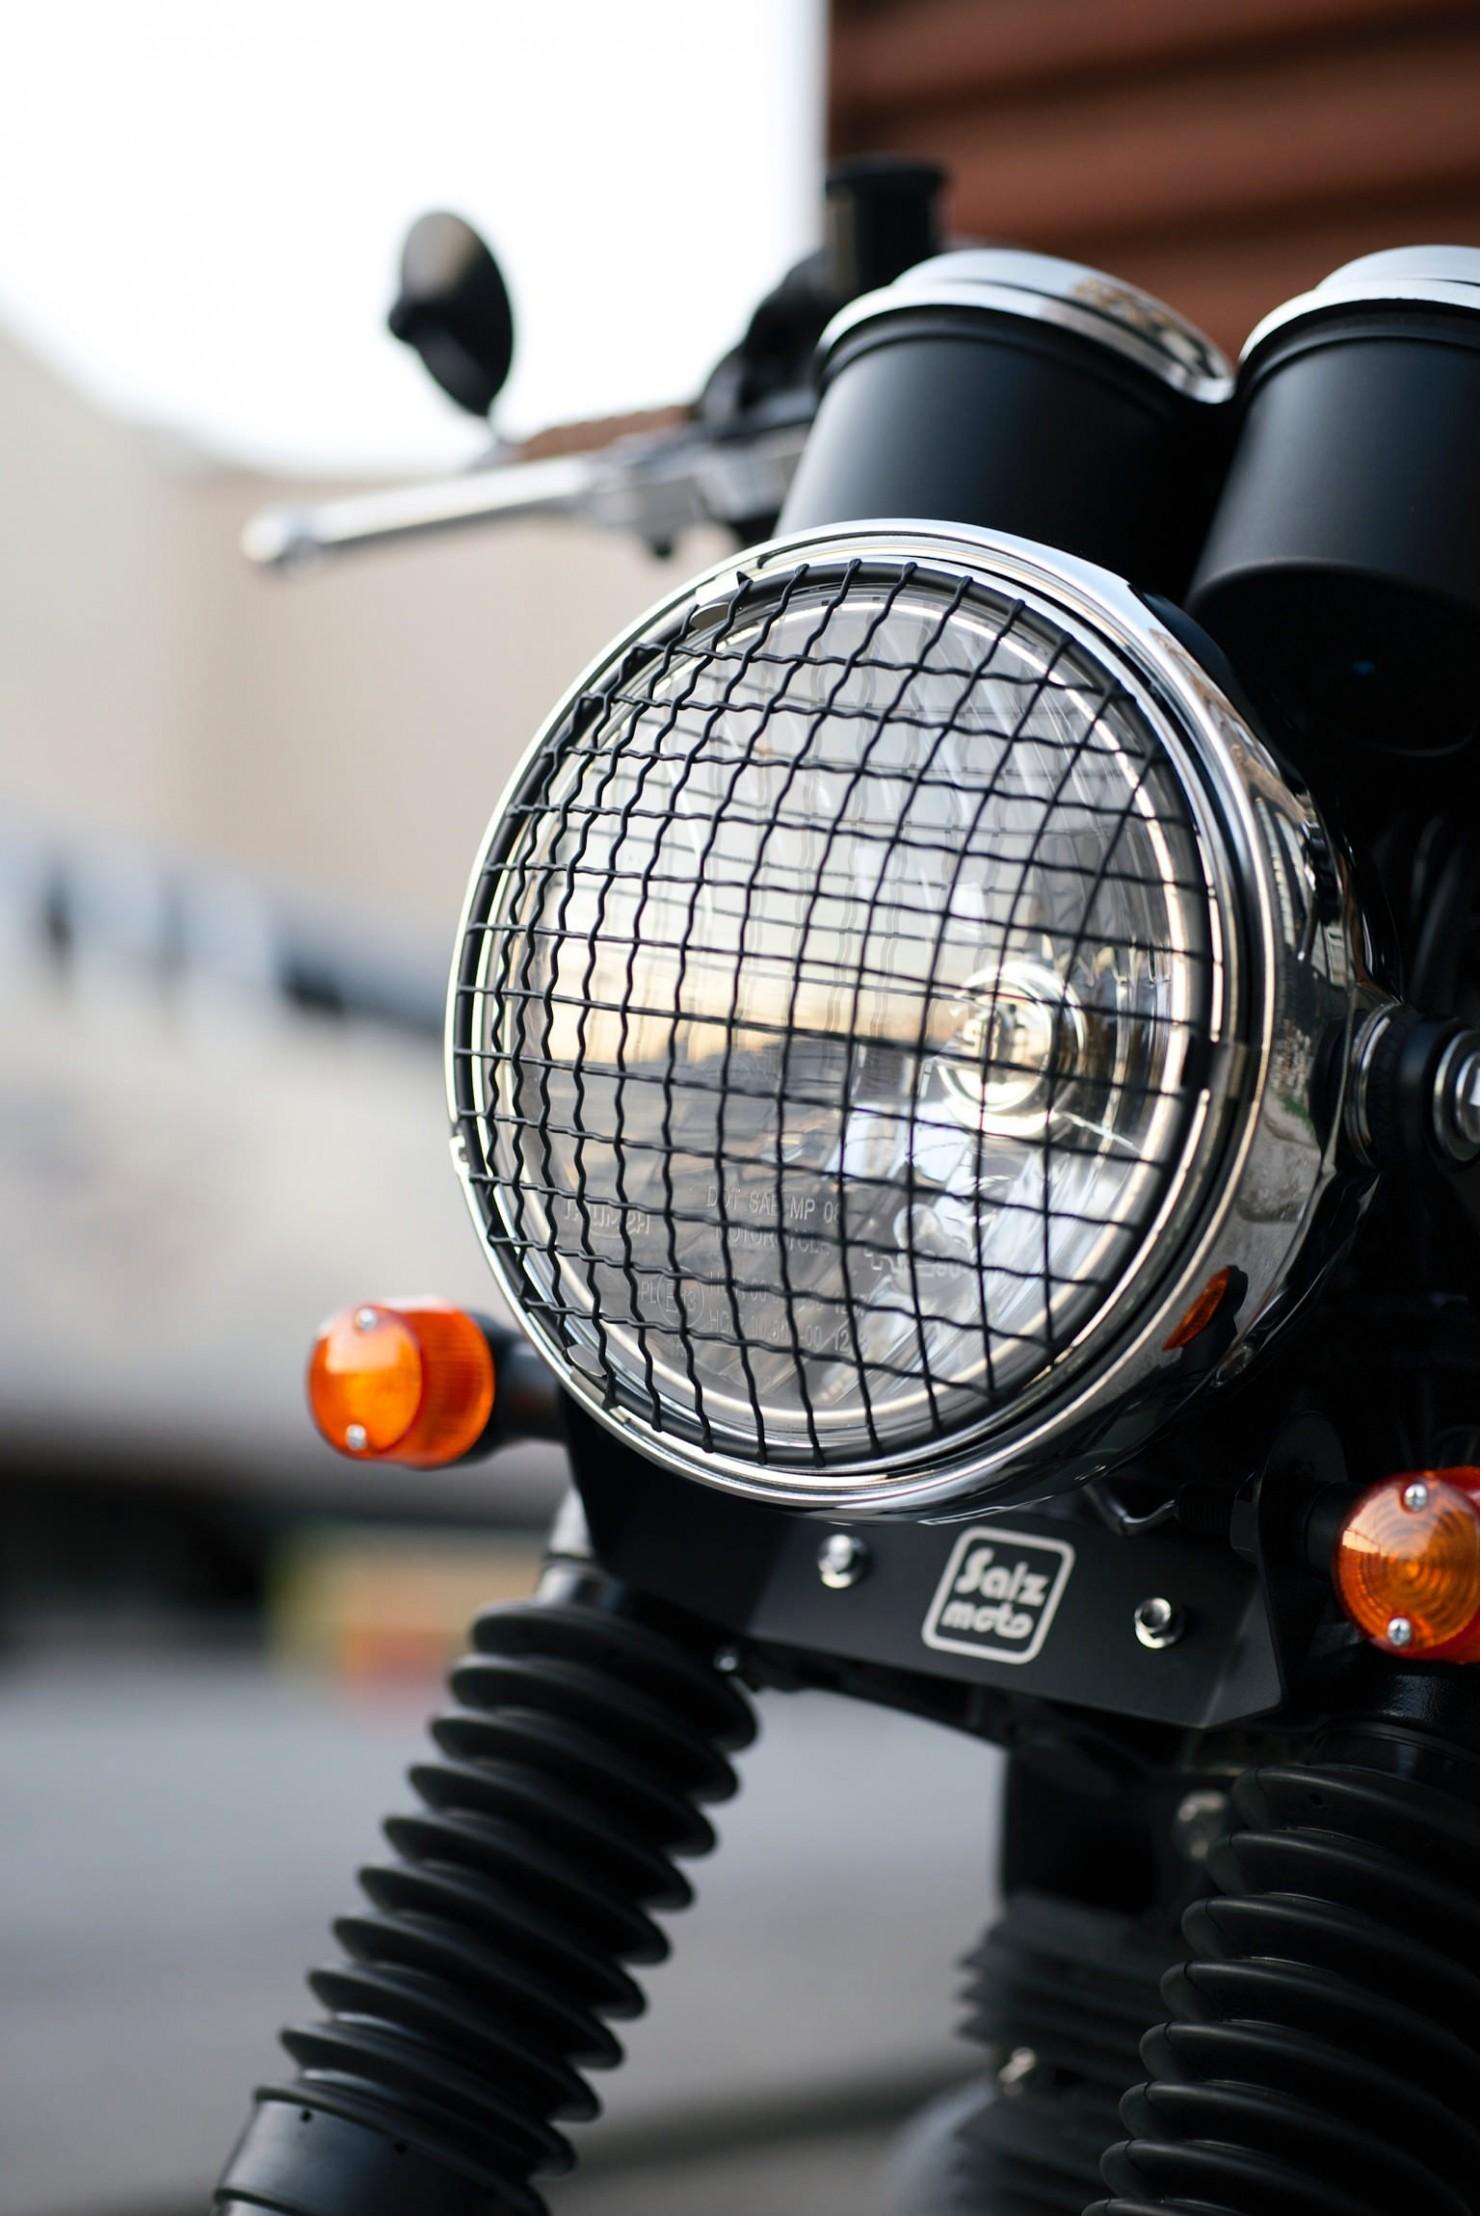 Triumph_Bonneville_Motorcycle_26